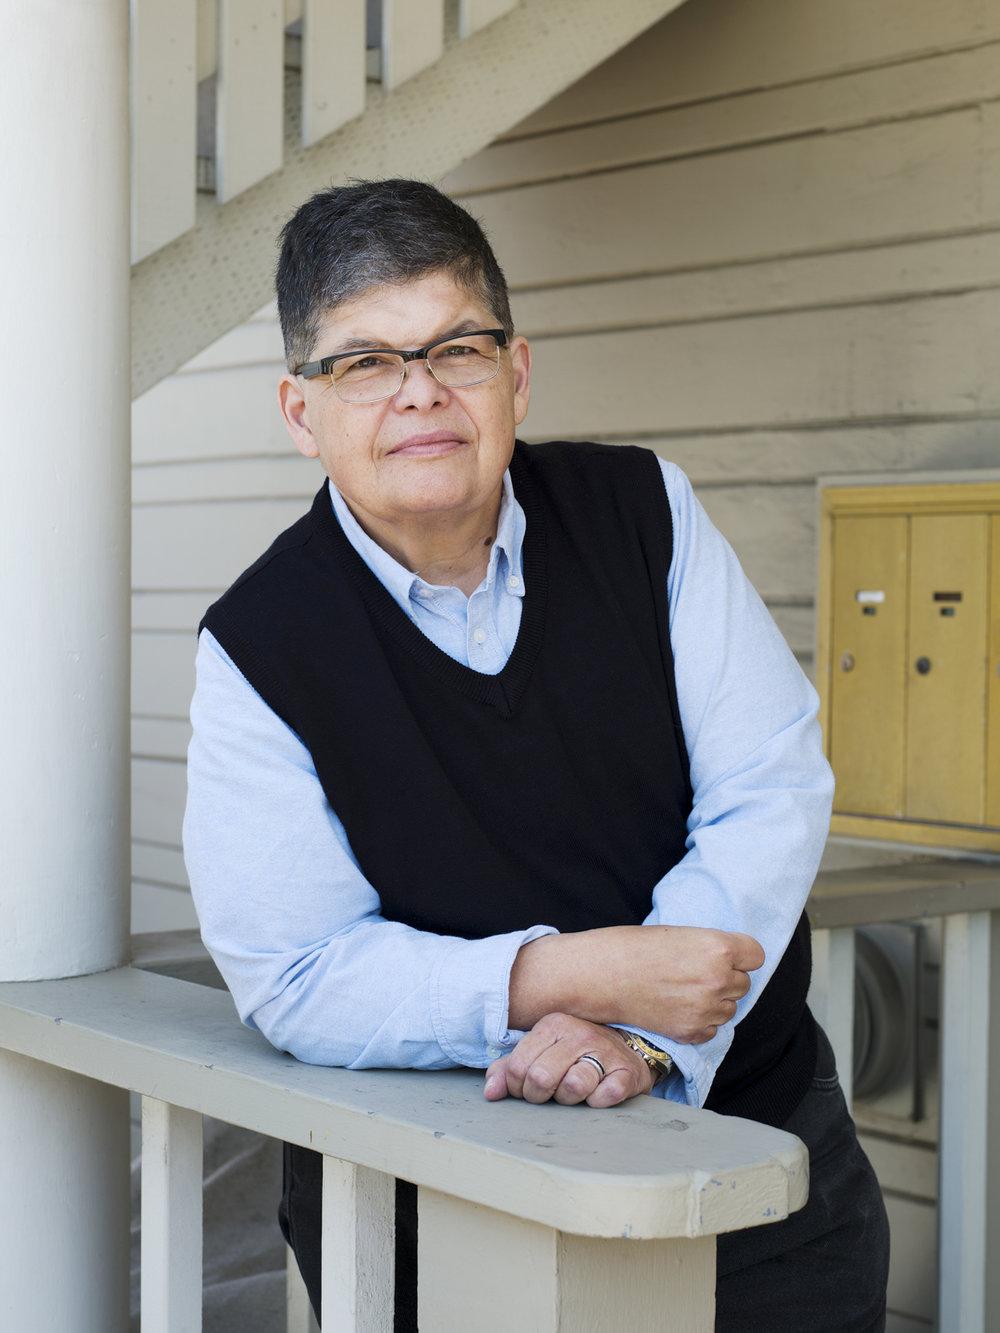 Greyson, 61, Albany, CA, 2015